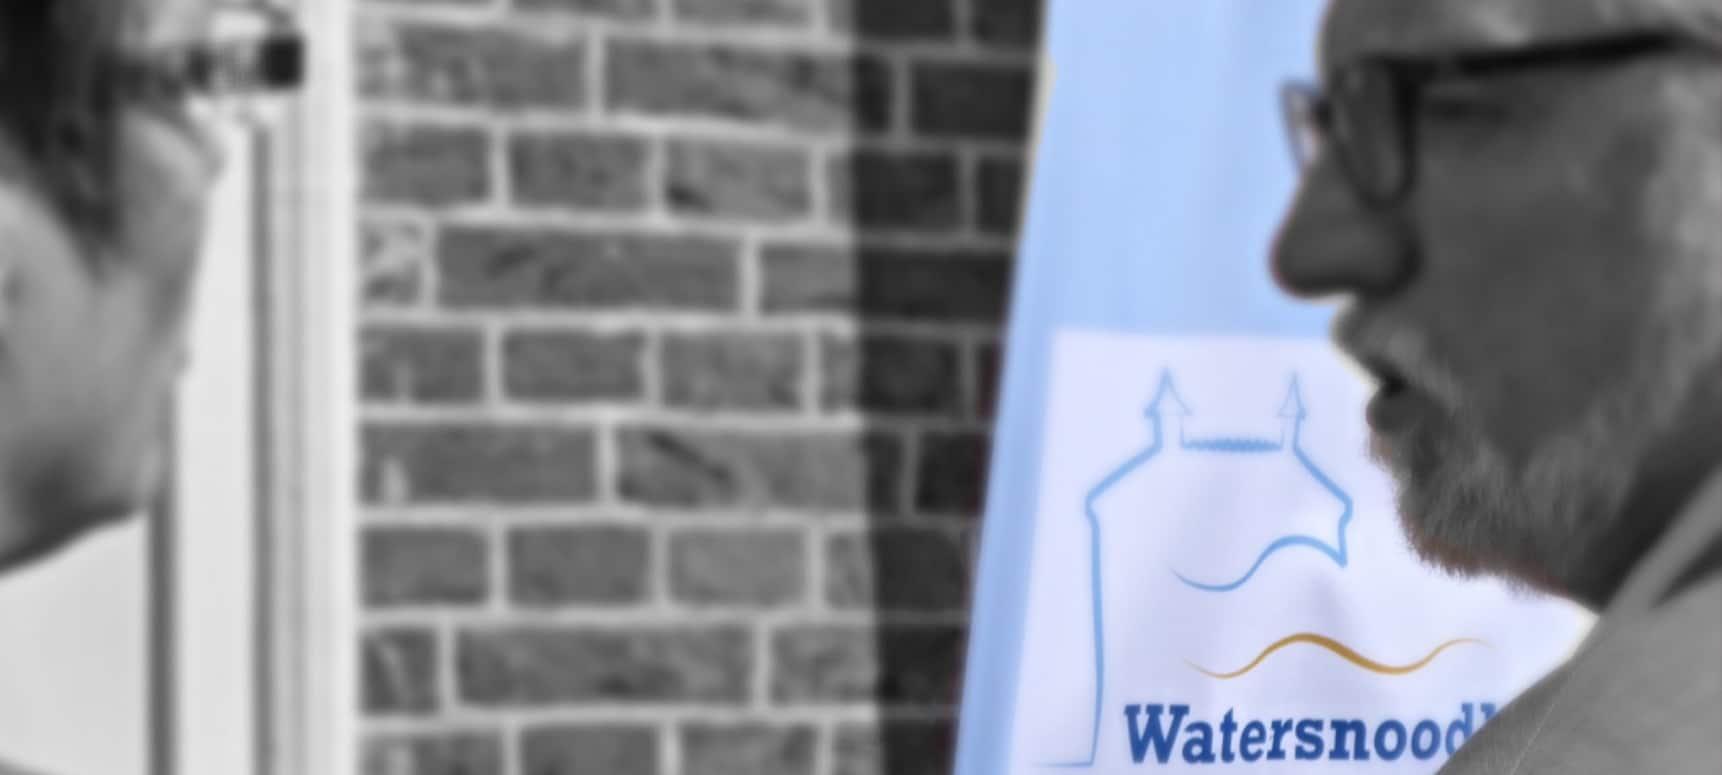 Watersnoodhuis Stavenisse geopend